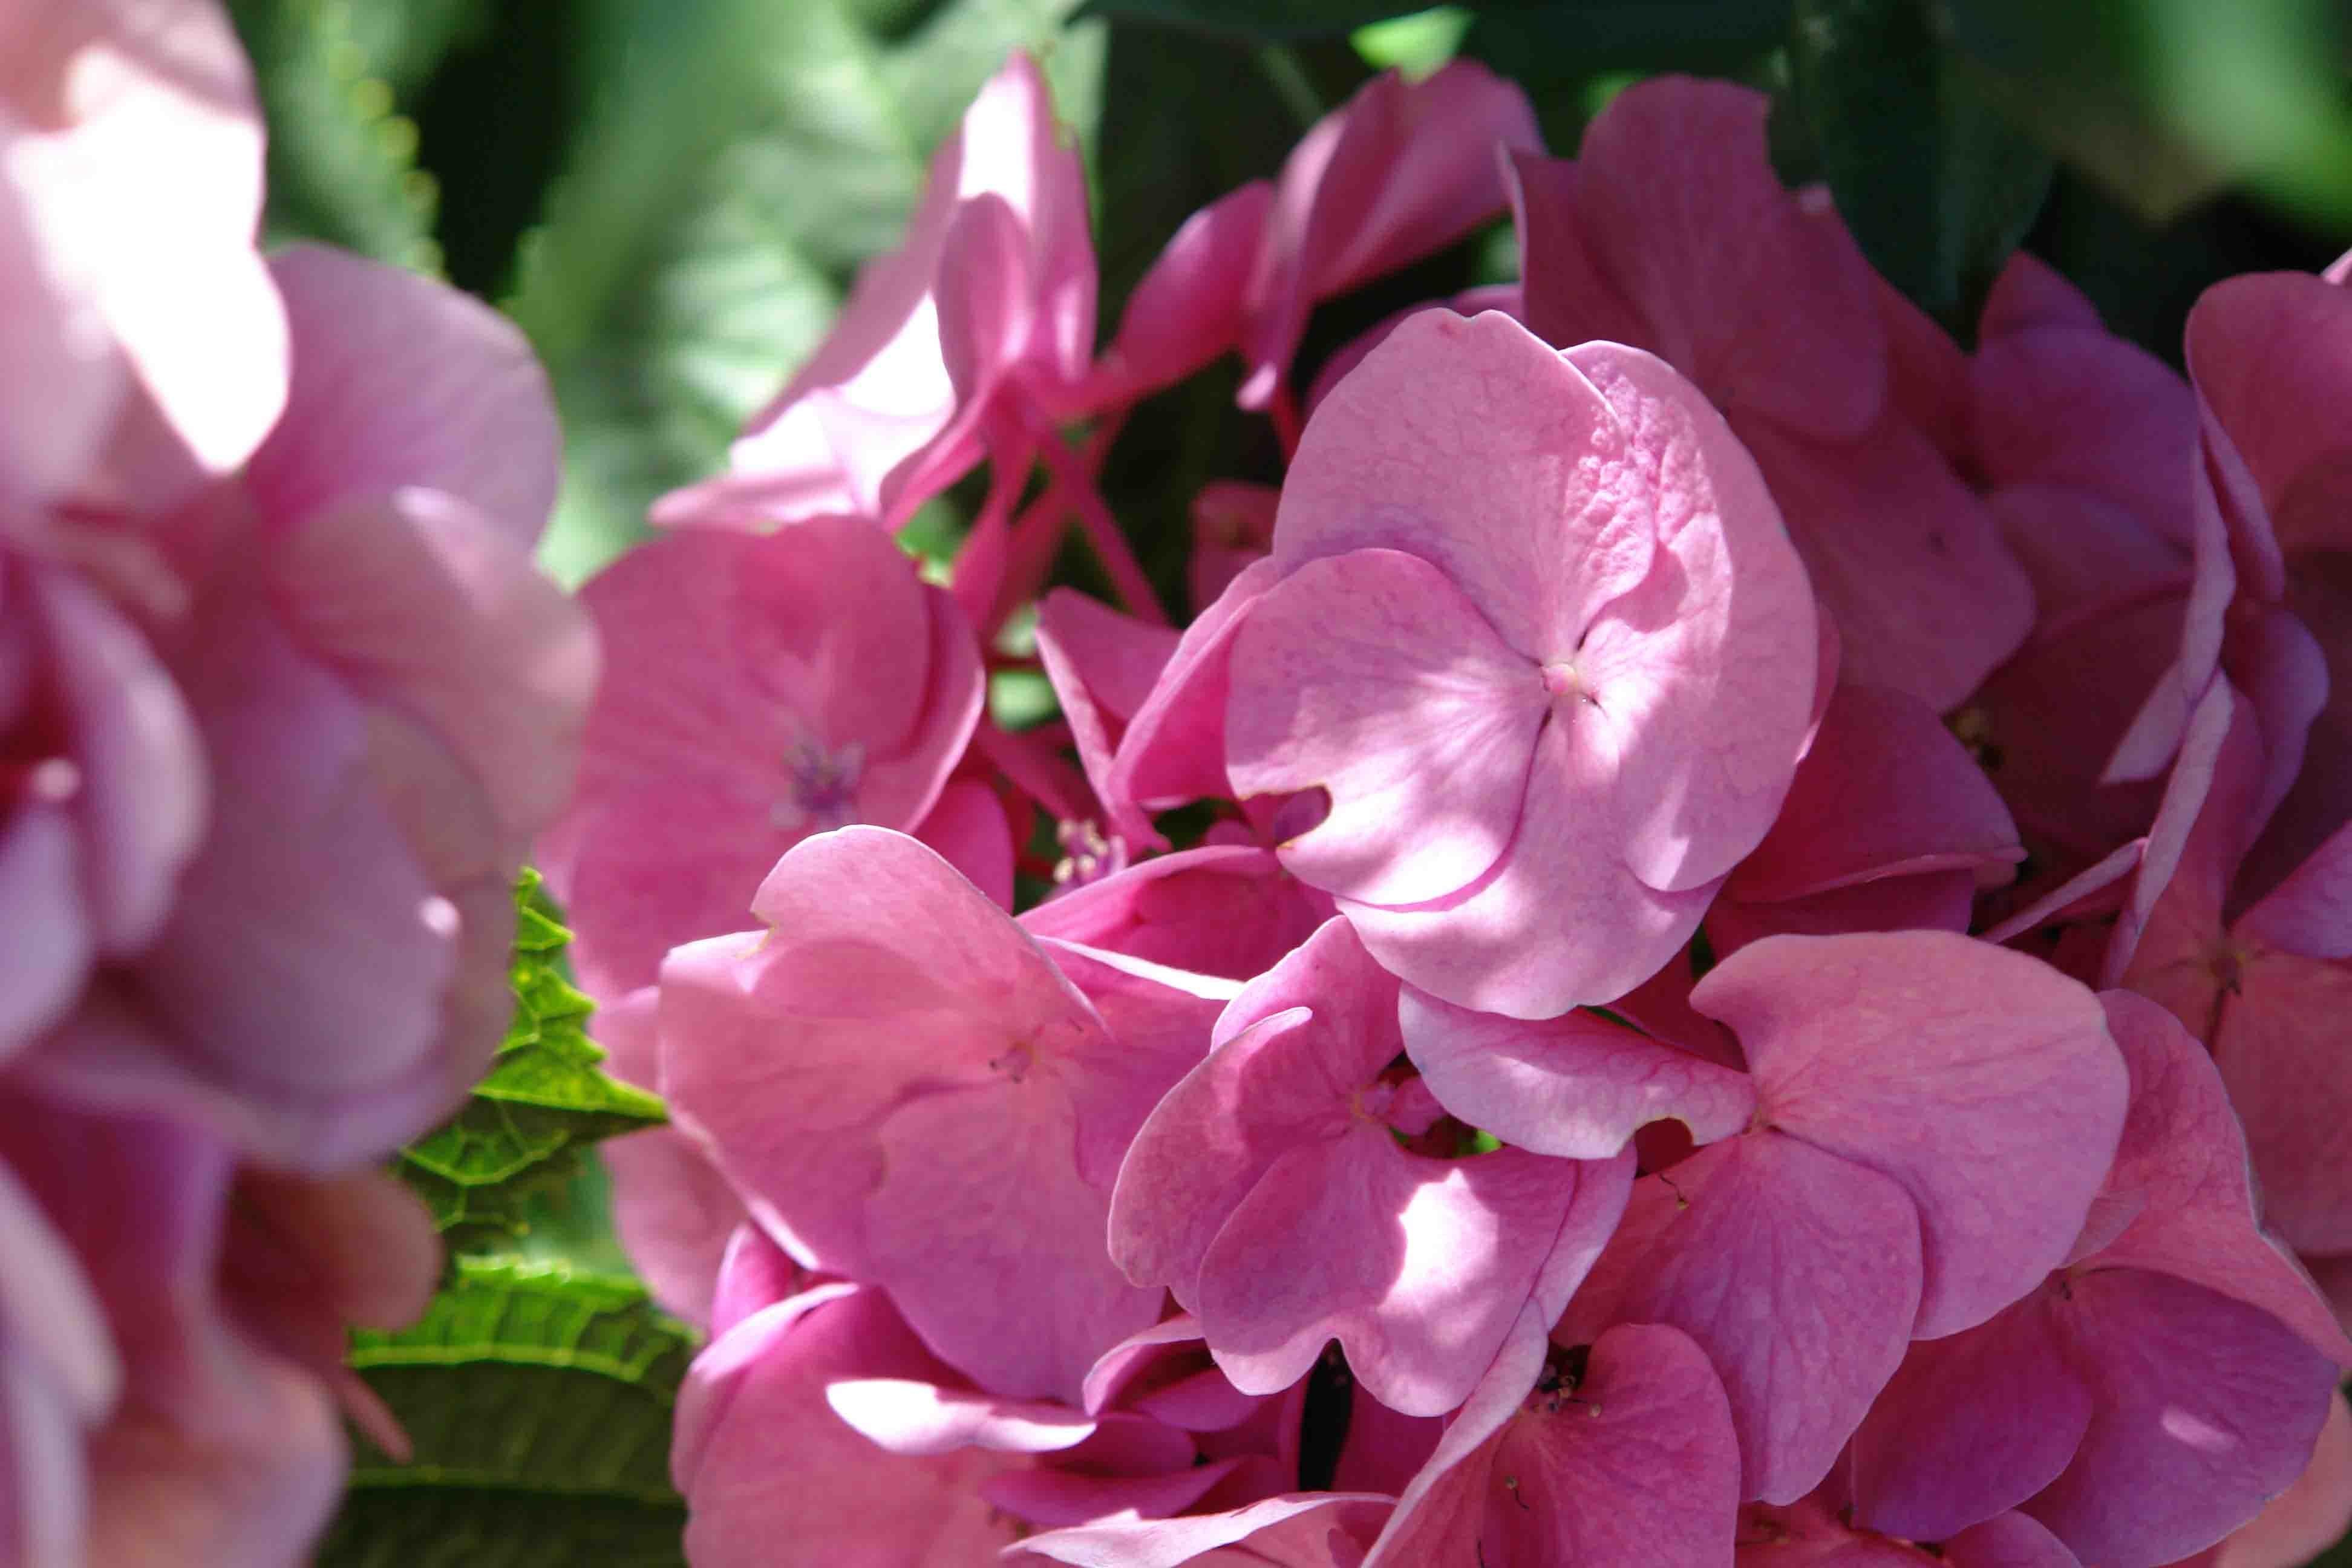 غرف النباتات - الشرفات